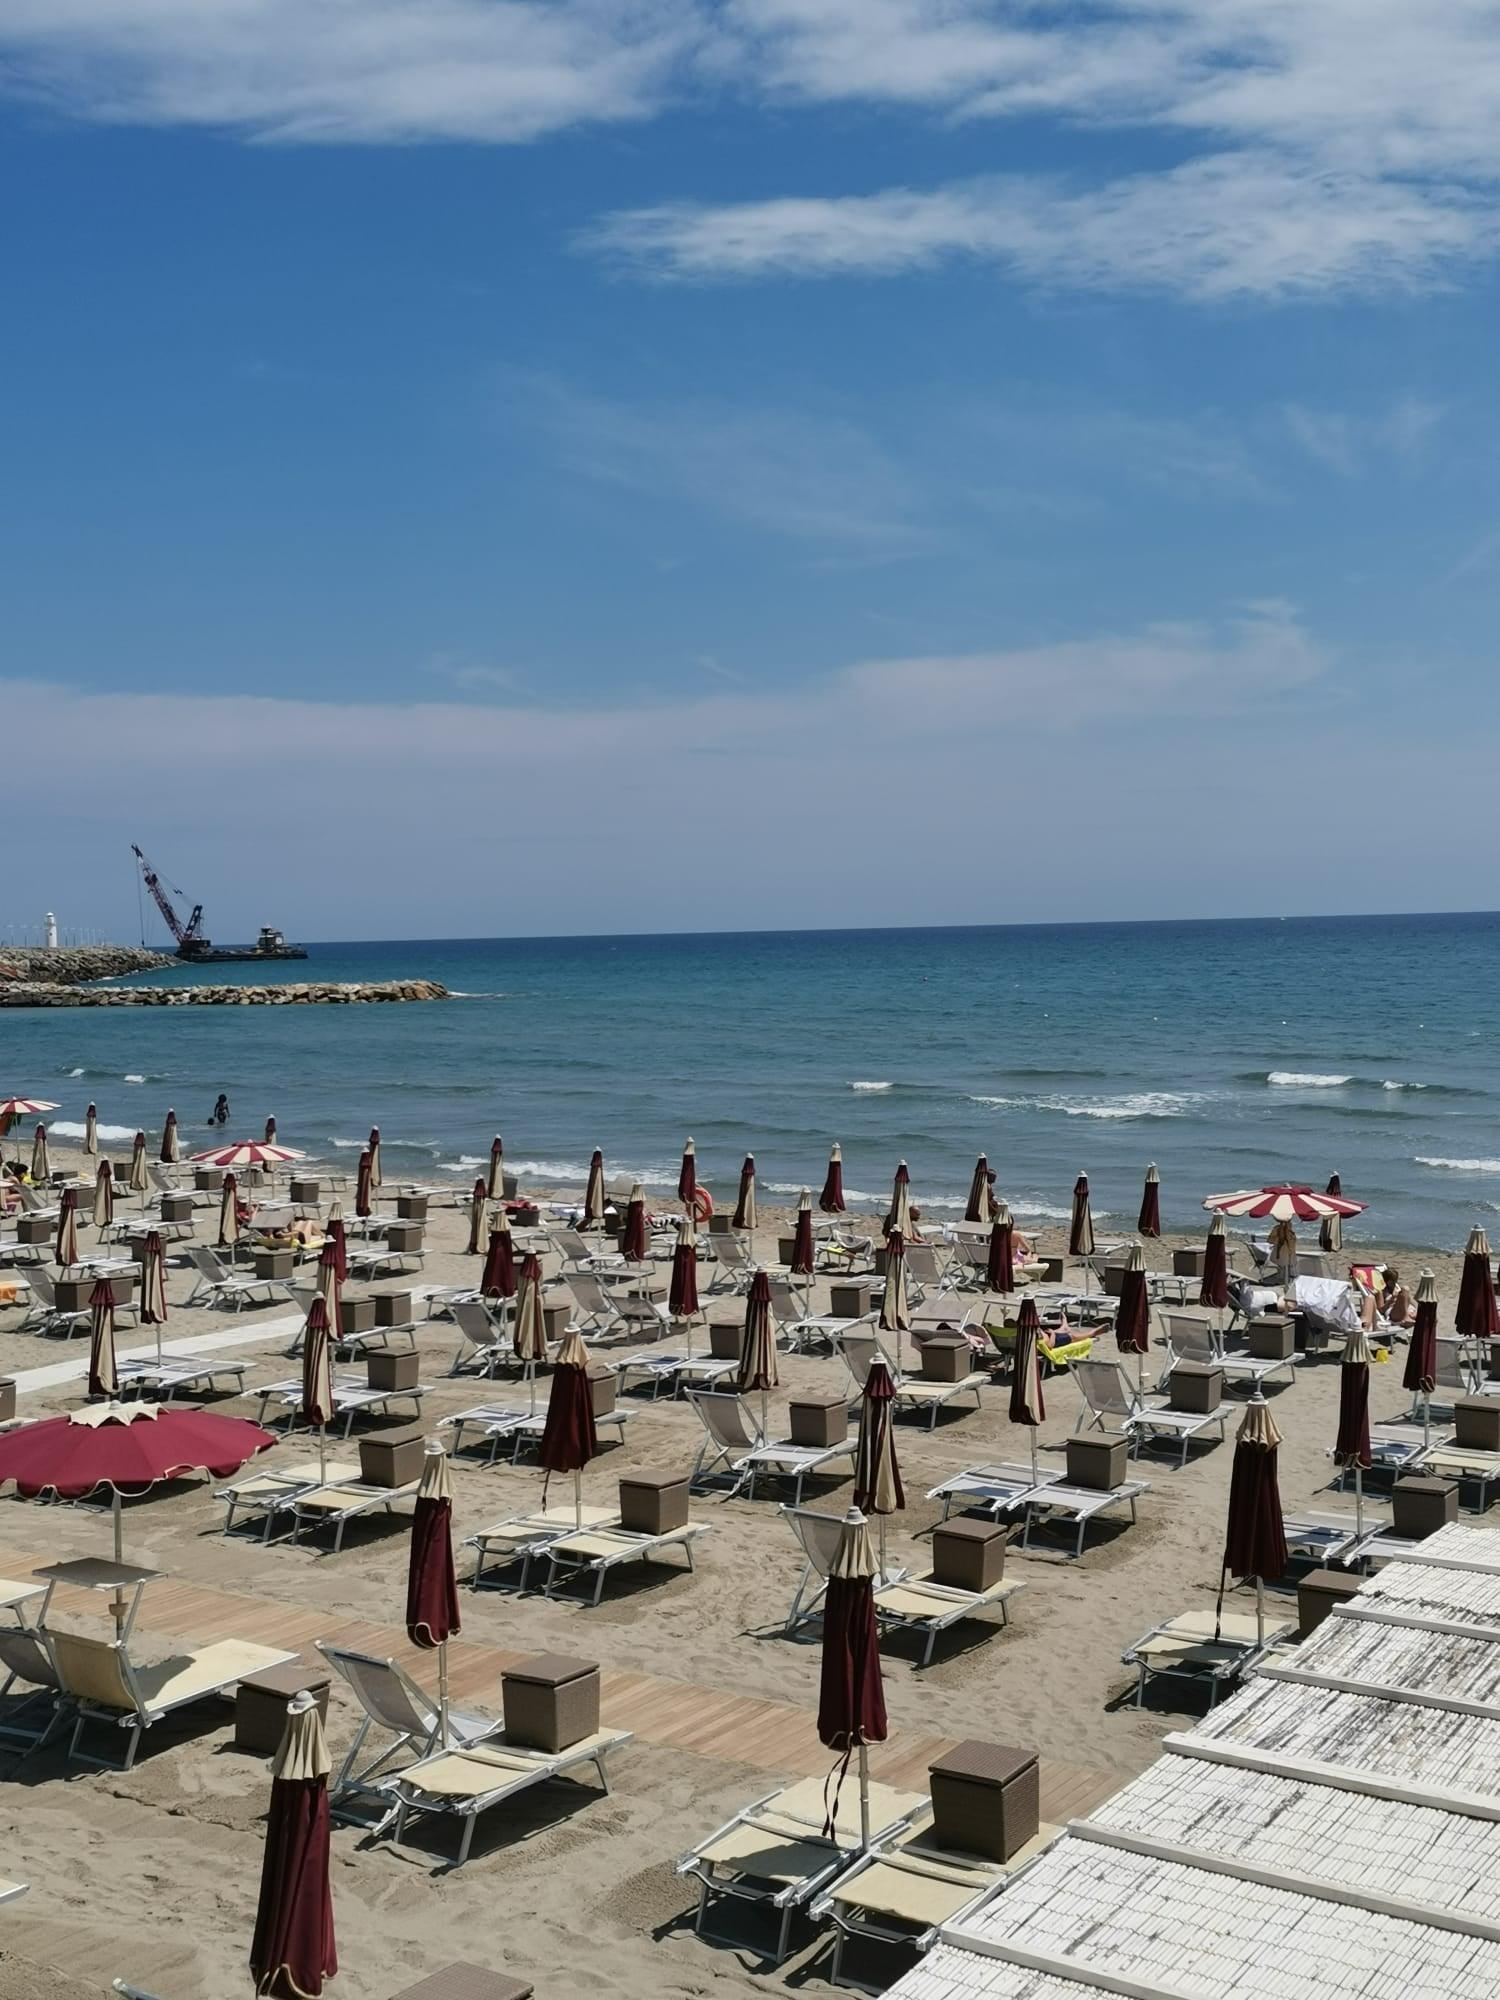 Bagni Spiaggia D'Oro